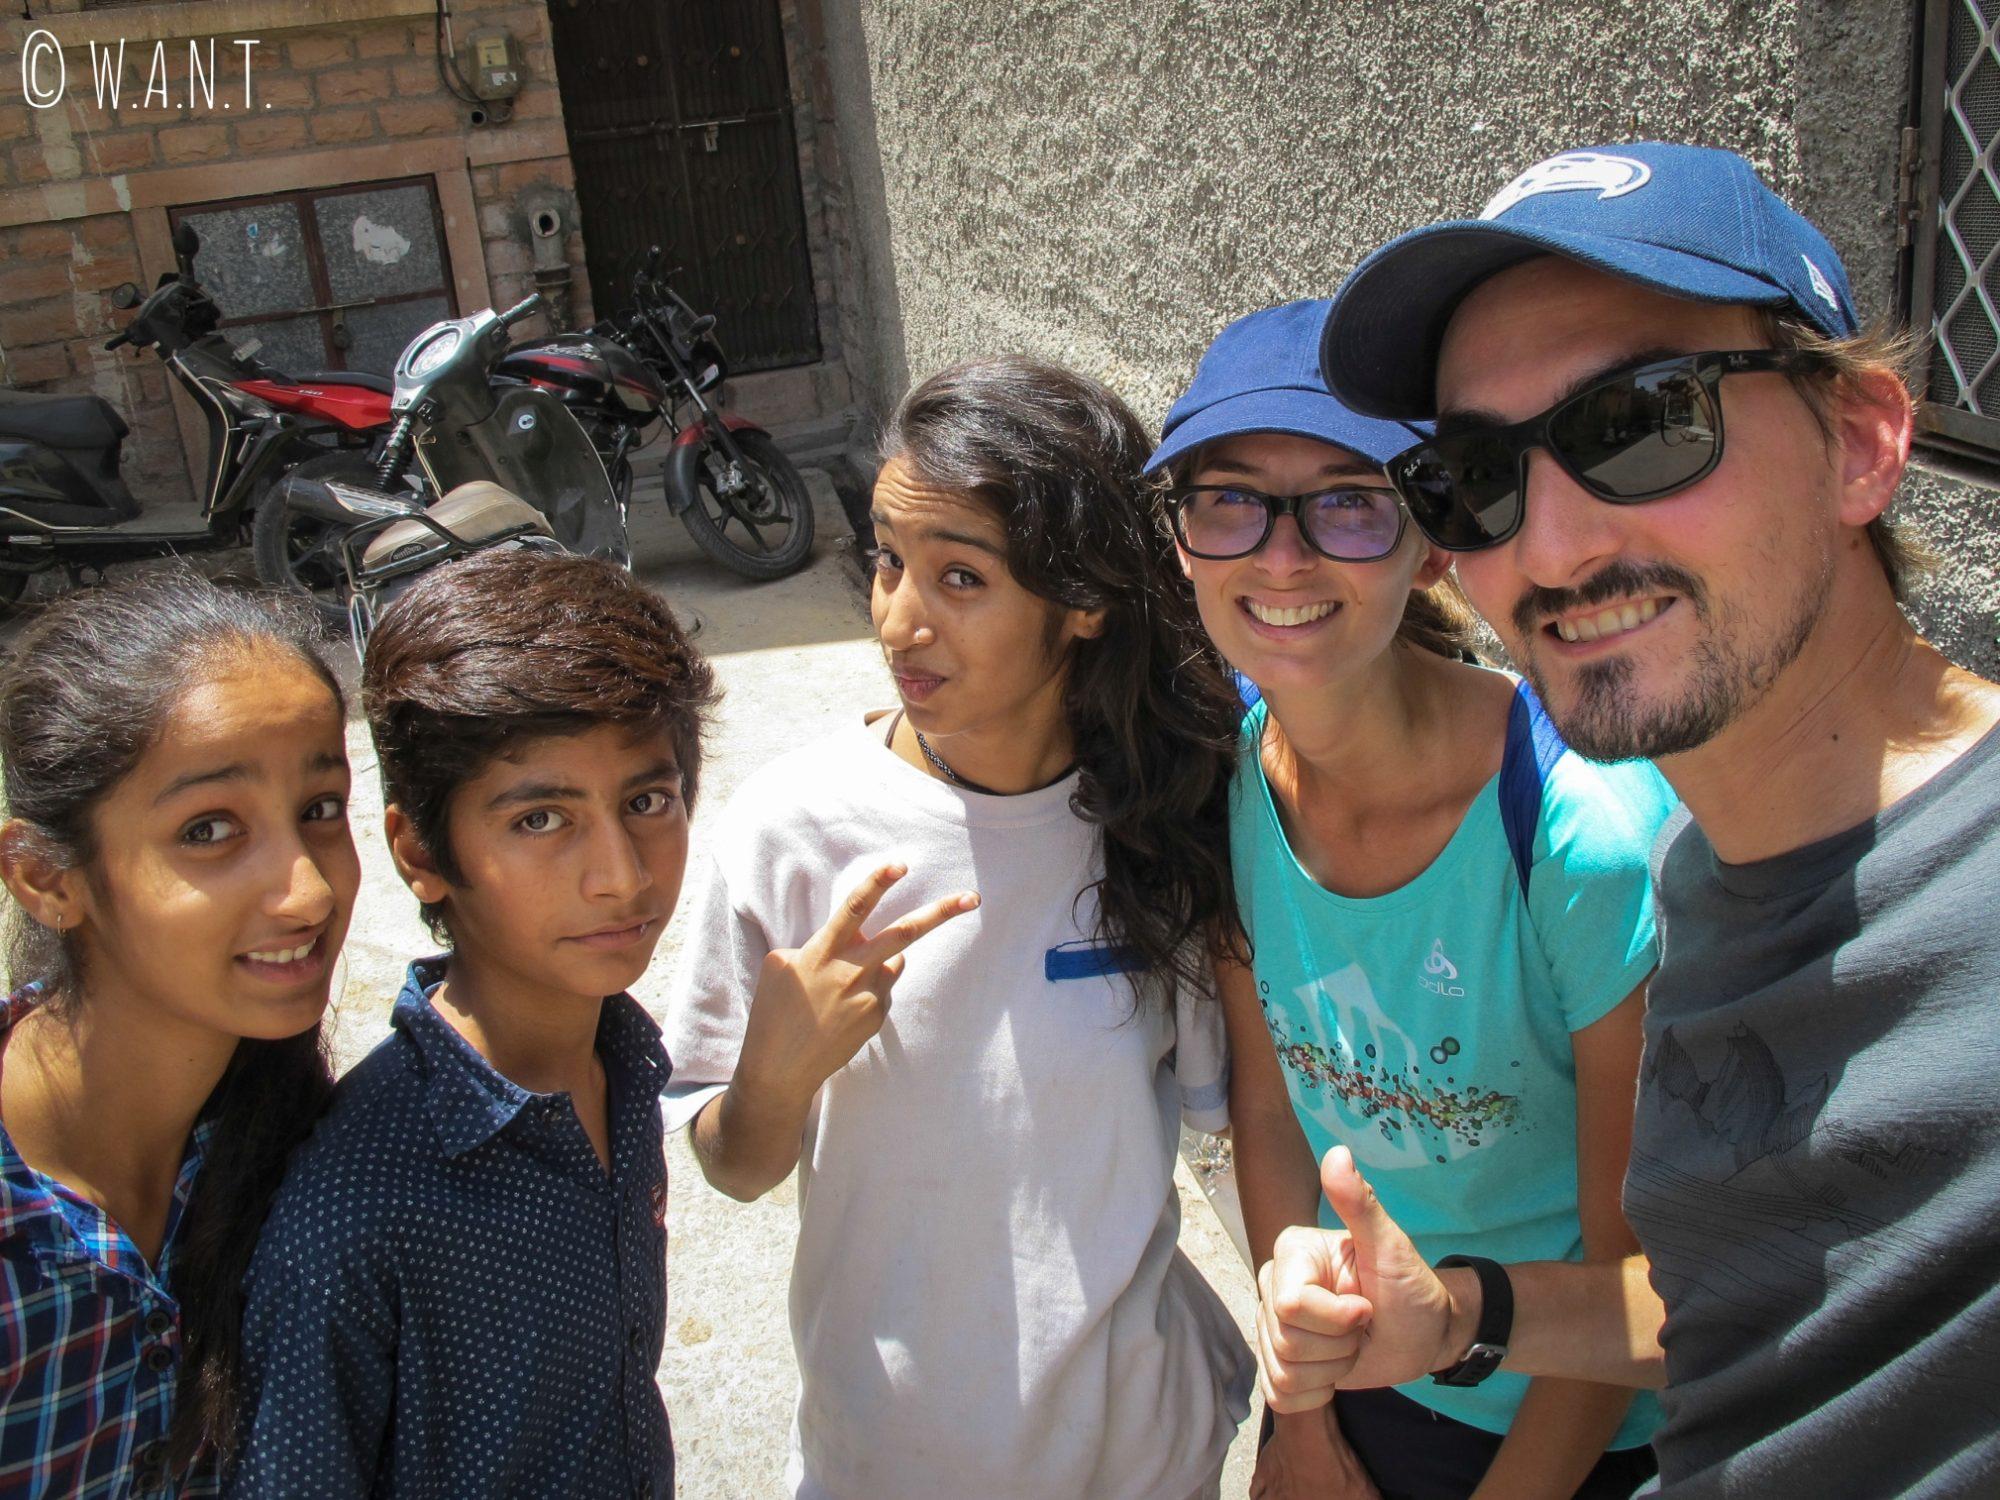 Le selfie est un language international !